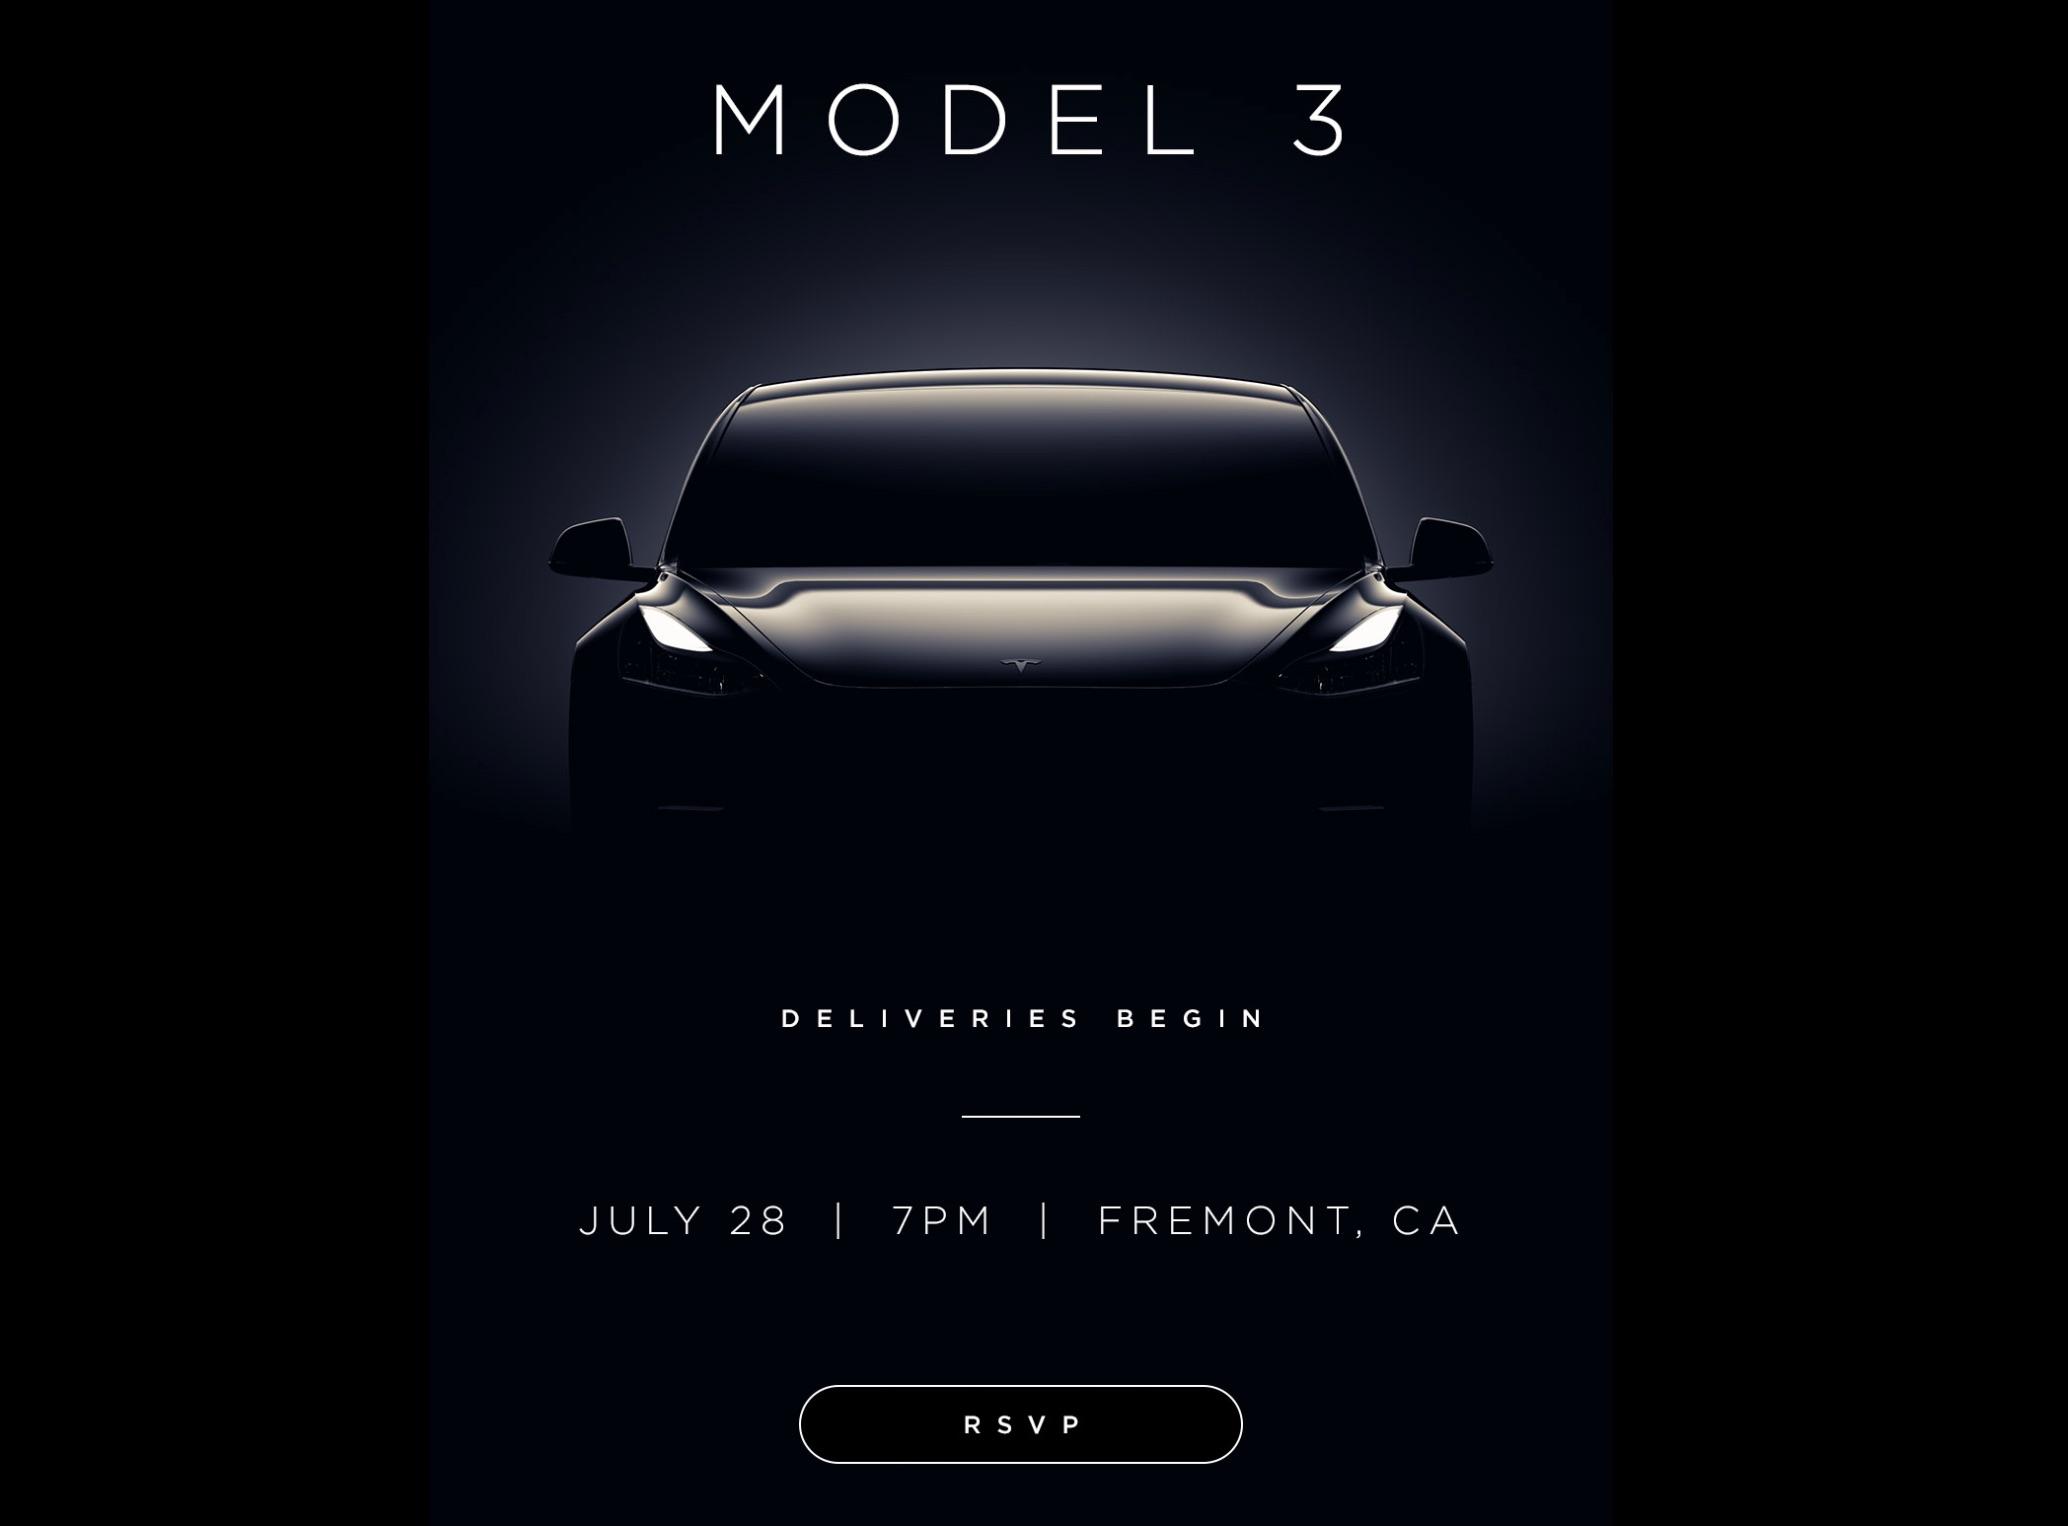 tesla-model-3-delivery-event-invitation